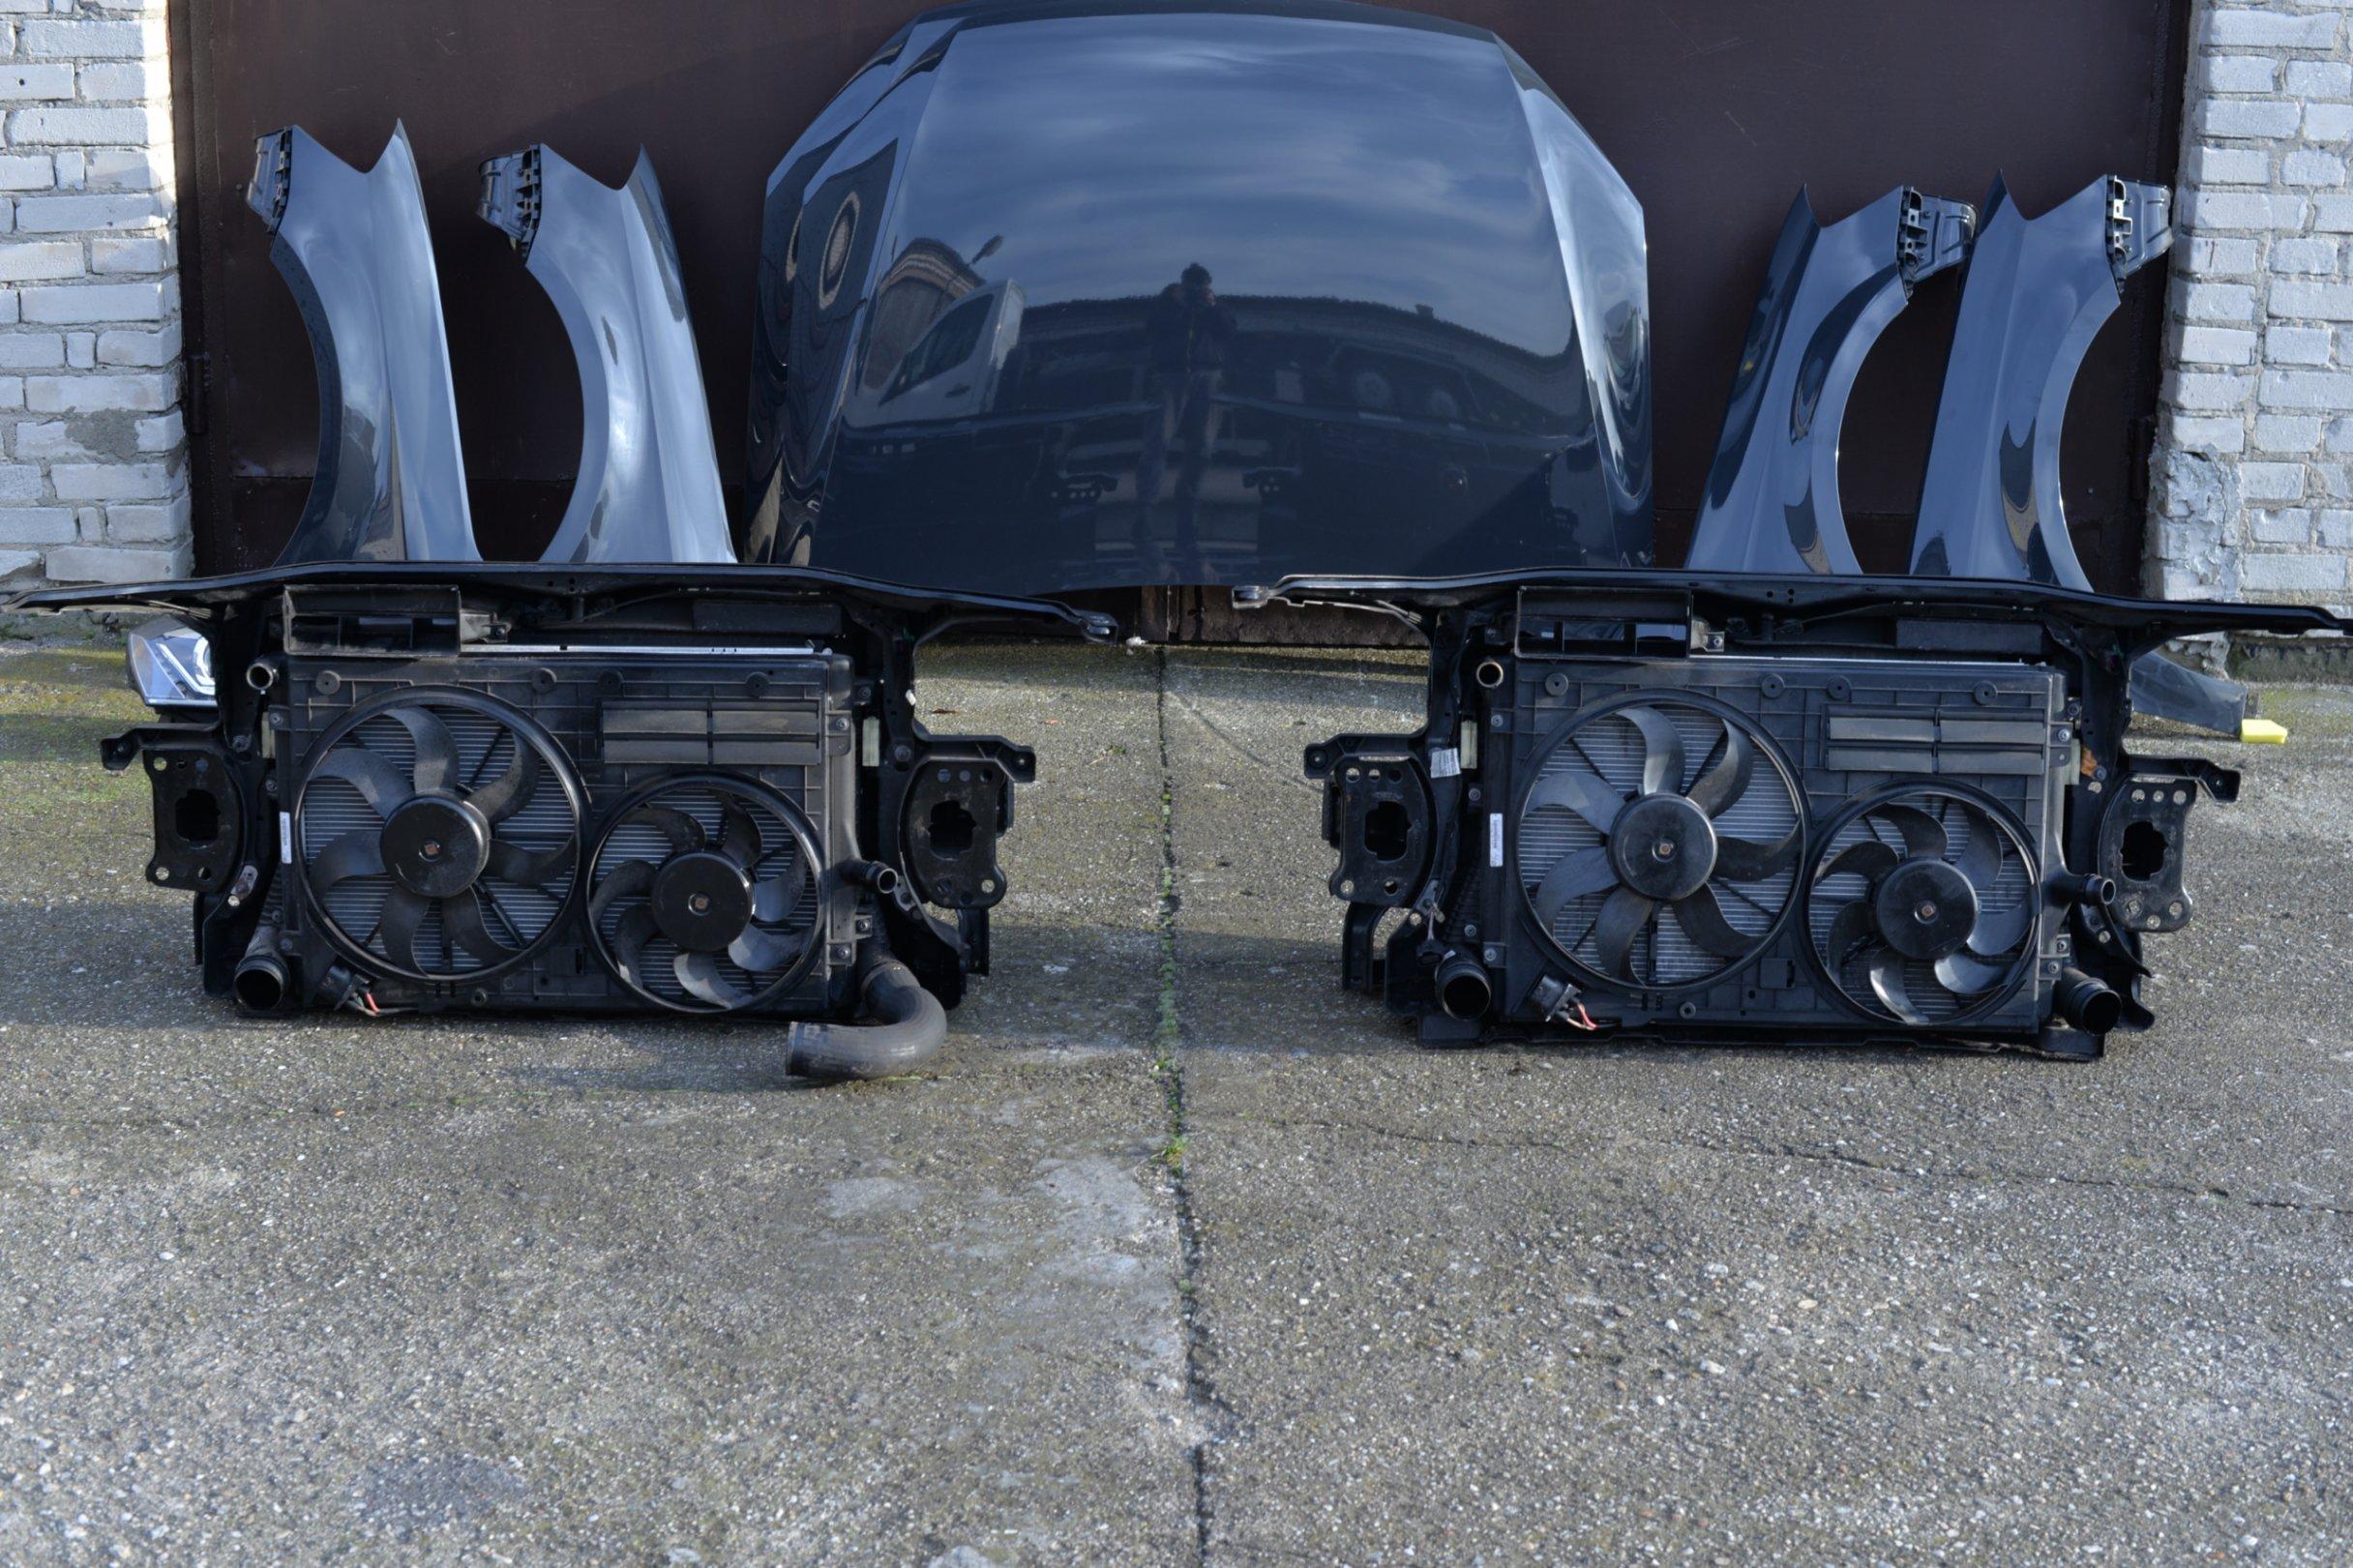 [КАПОТ ZDERZAK КРЫЛО REFLEKTOR PAS VW PASSAT B7 из Польши]изображение 3